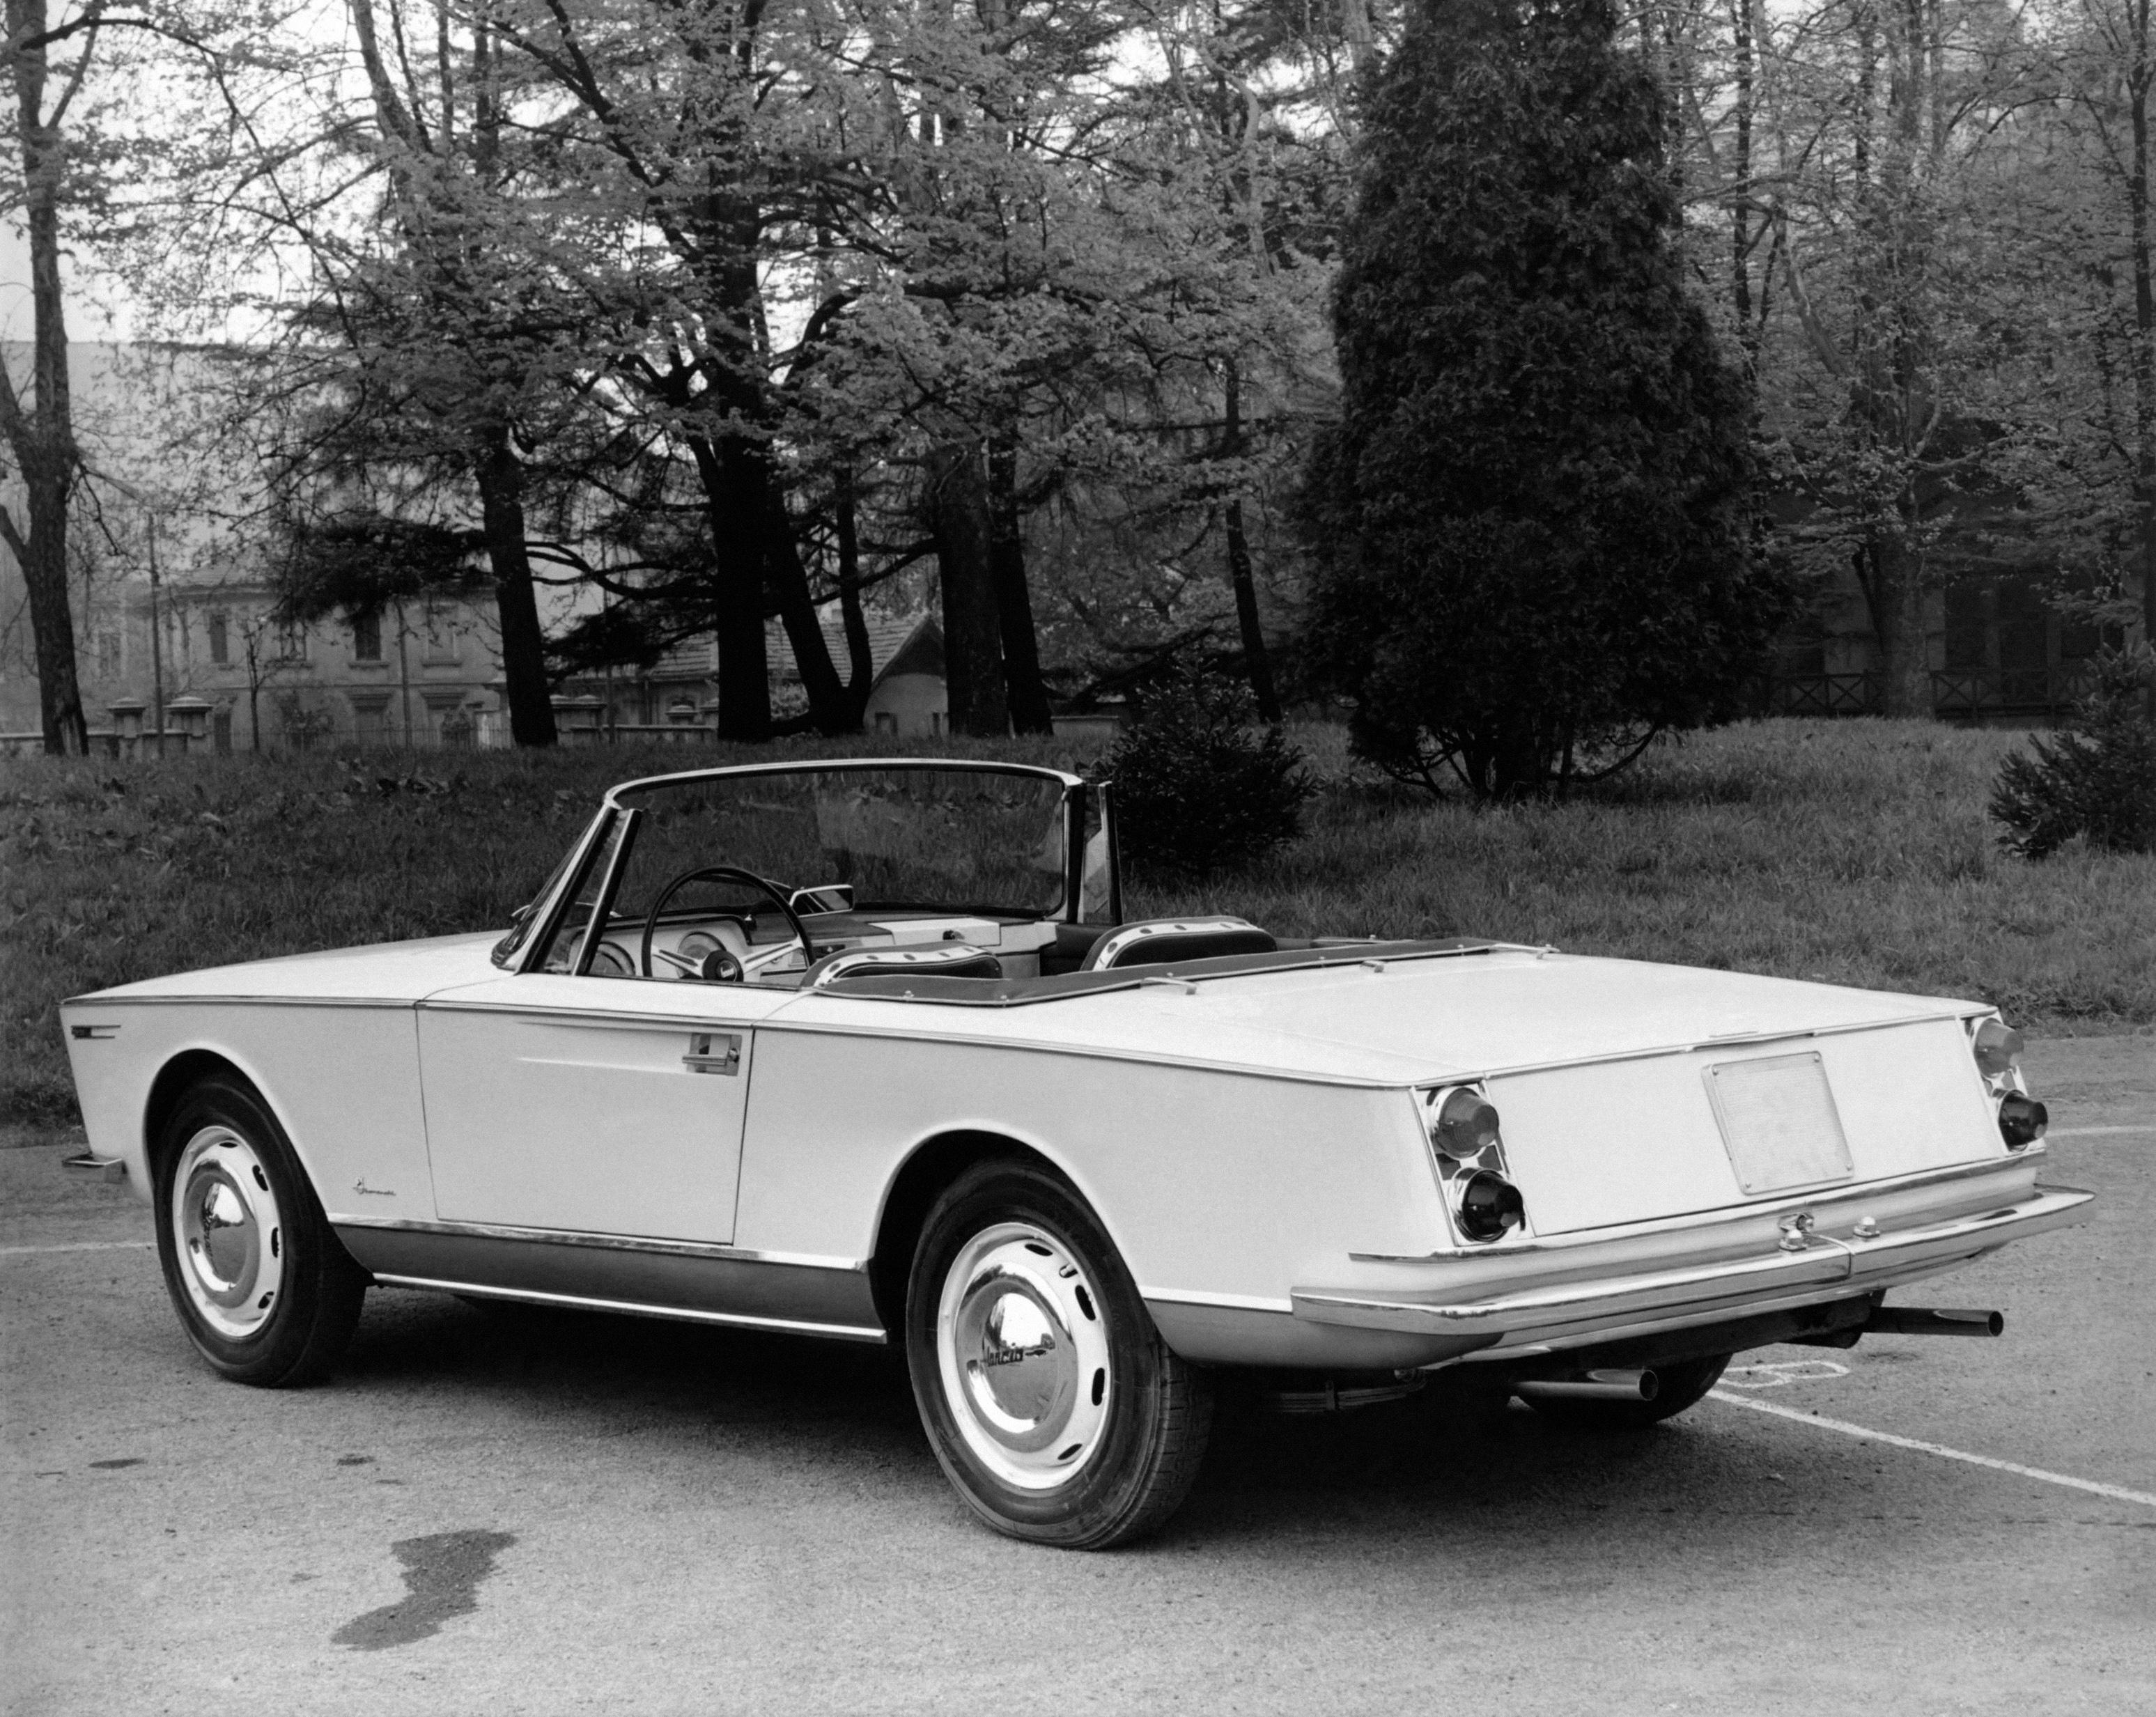 1962-Boneschi-Lancia-Flaminia-Spider-Amalfi-04